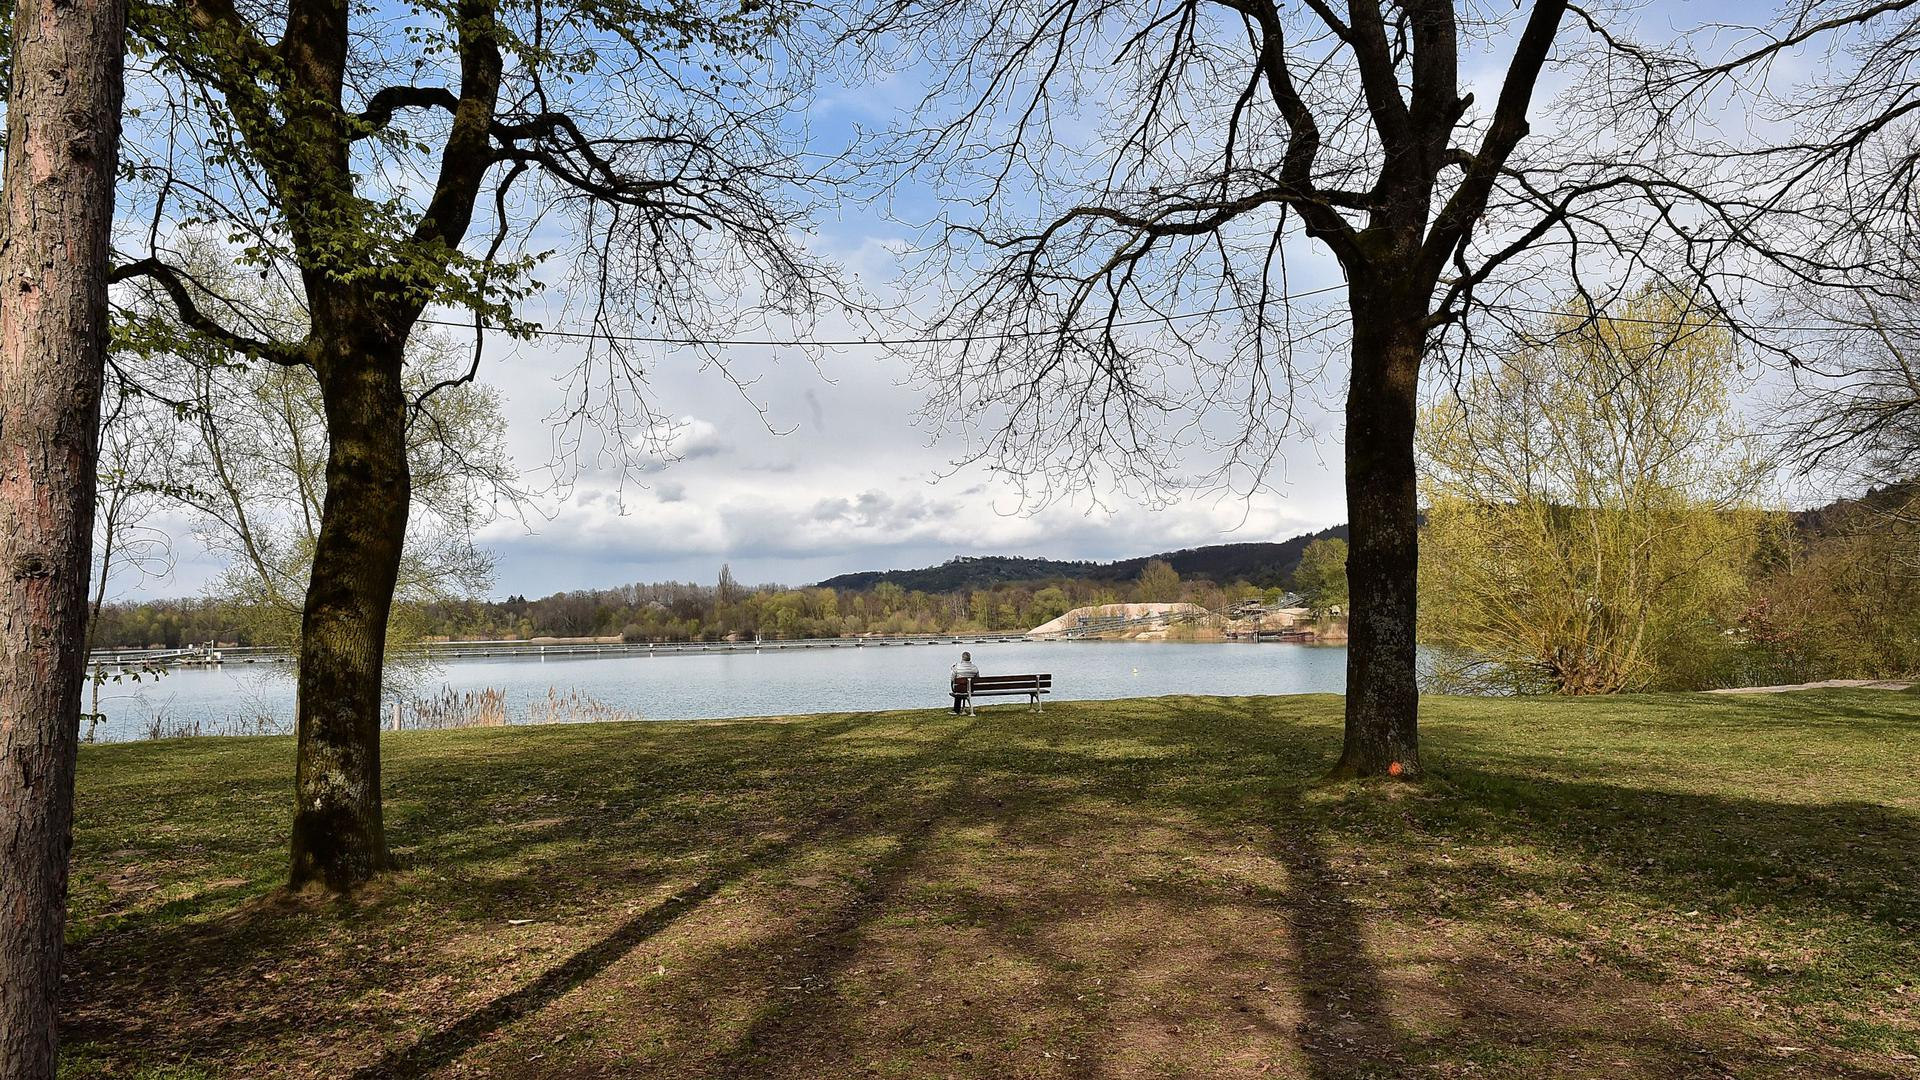 Blick auf die Liegewiese und den Baggersee in Weingarten.